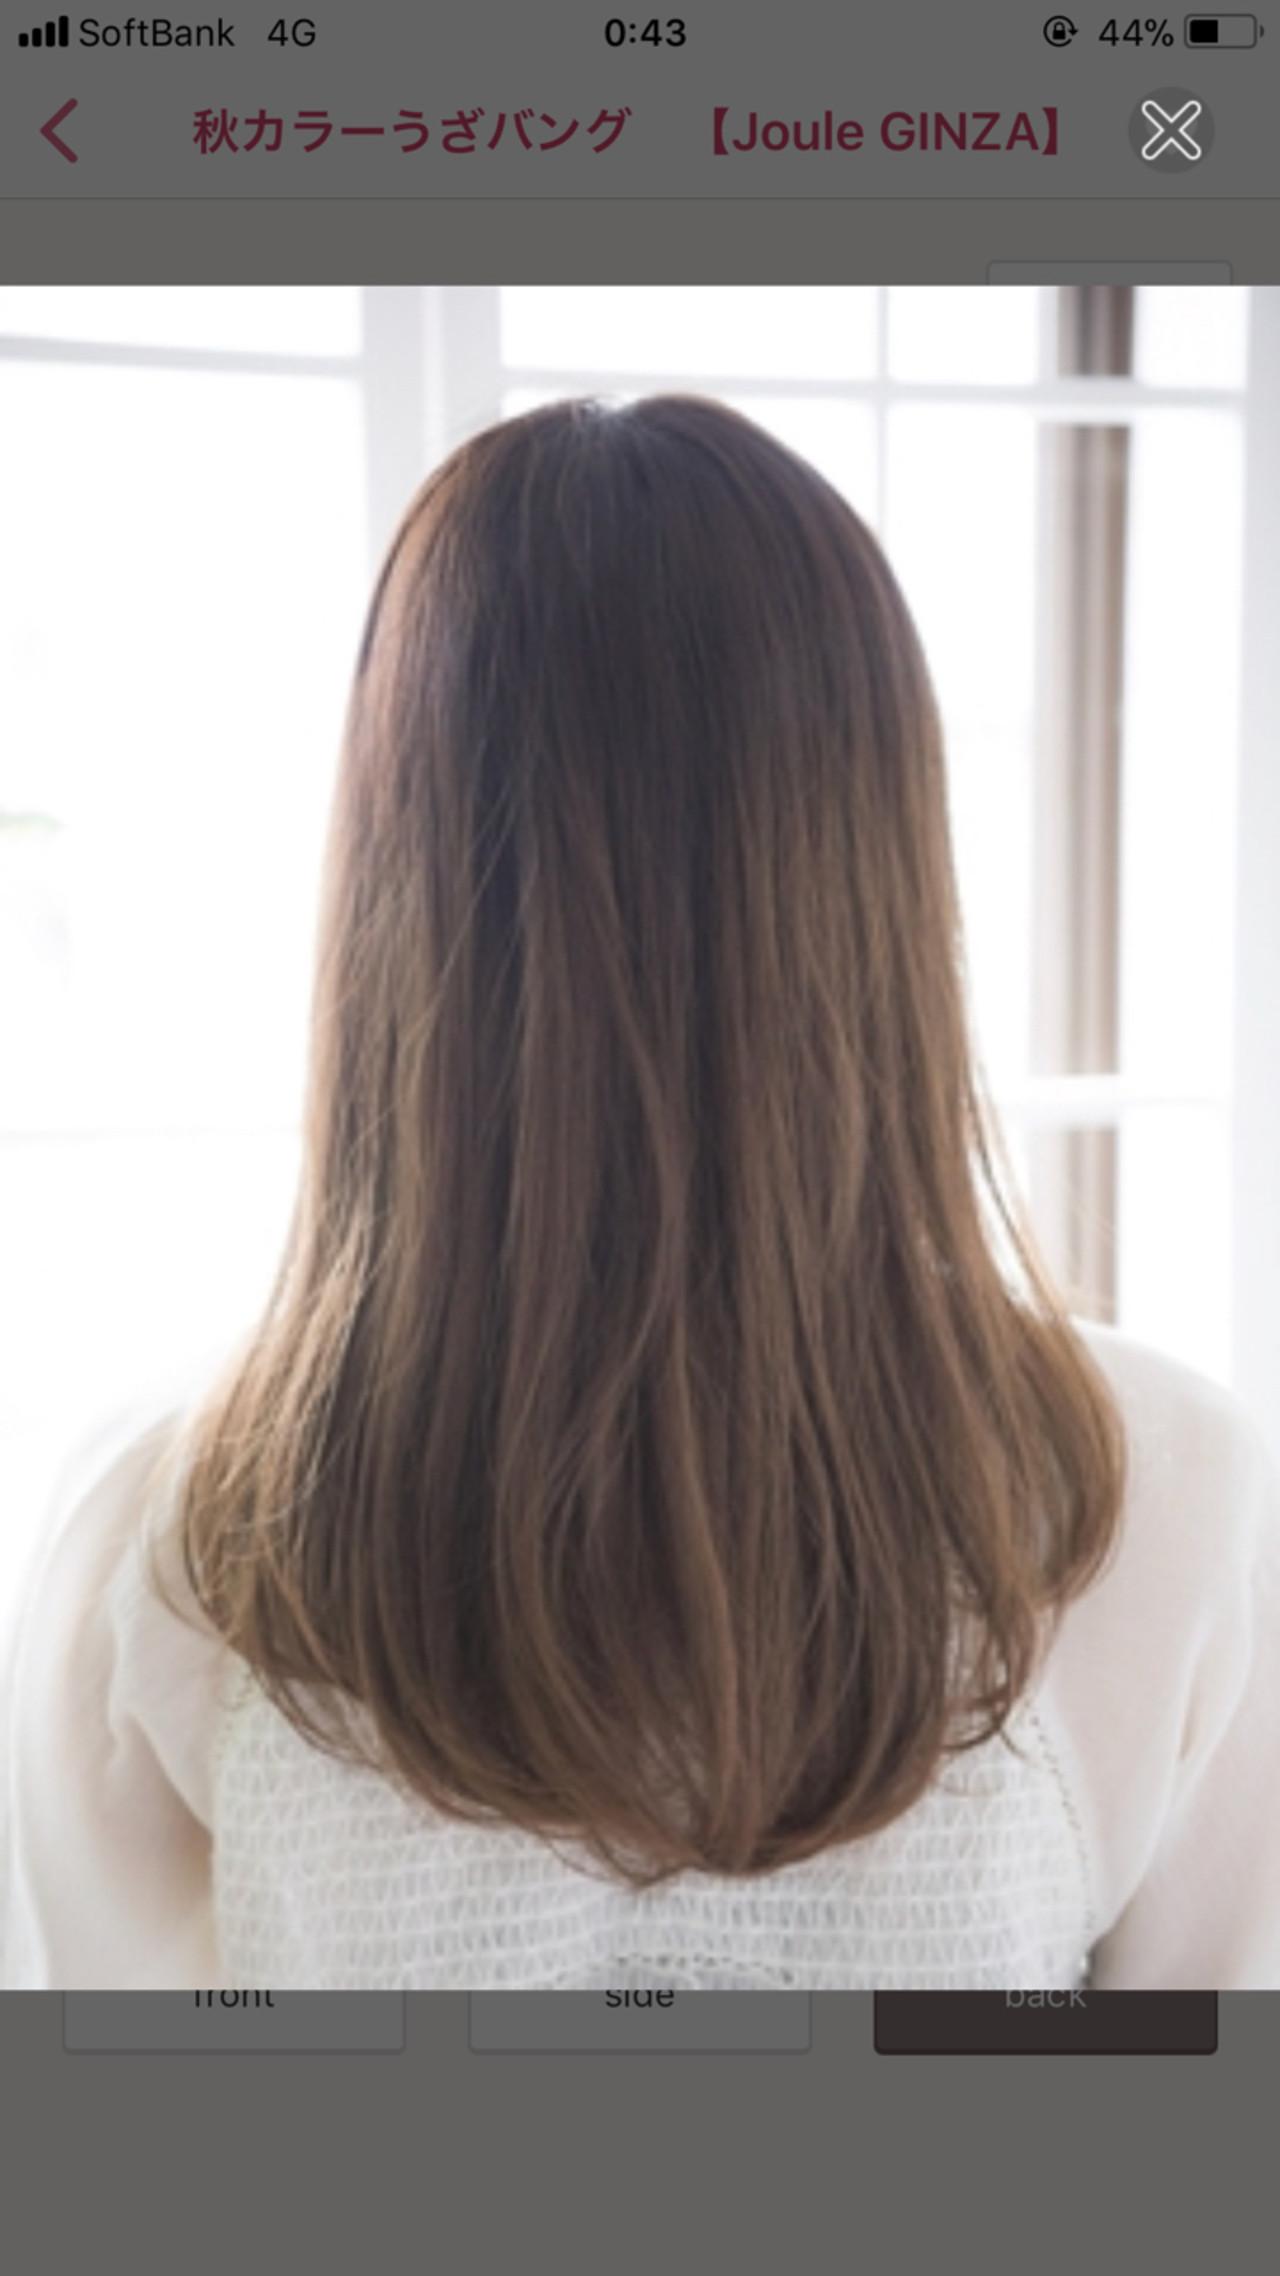 ヘアアレンジ ロング アウトドア フェミニン ヘアスタイルや髪型の写真・画像 | 荒井史行 / Joule 銀座 (ジュール)